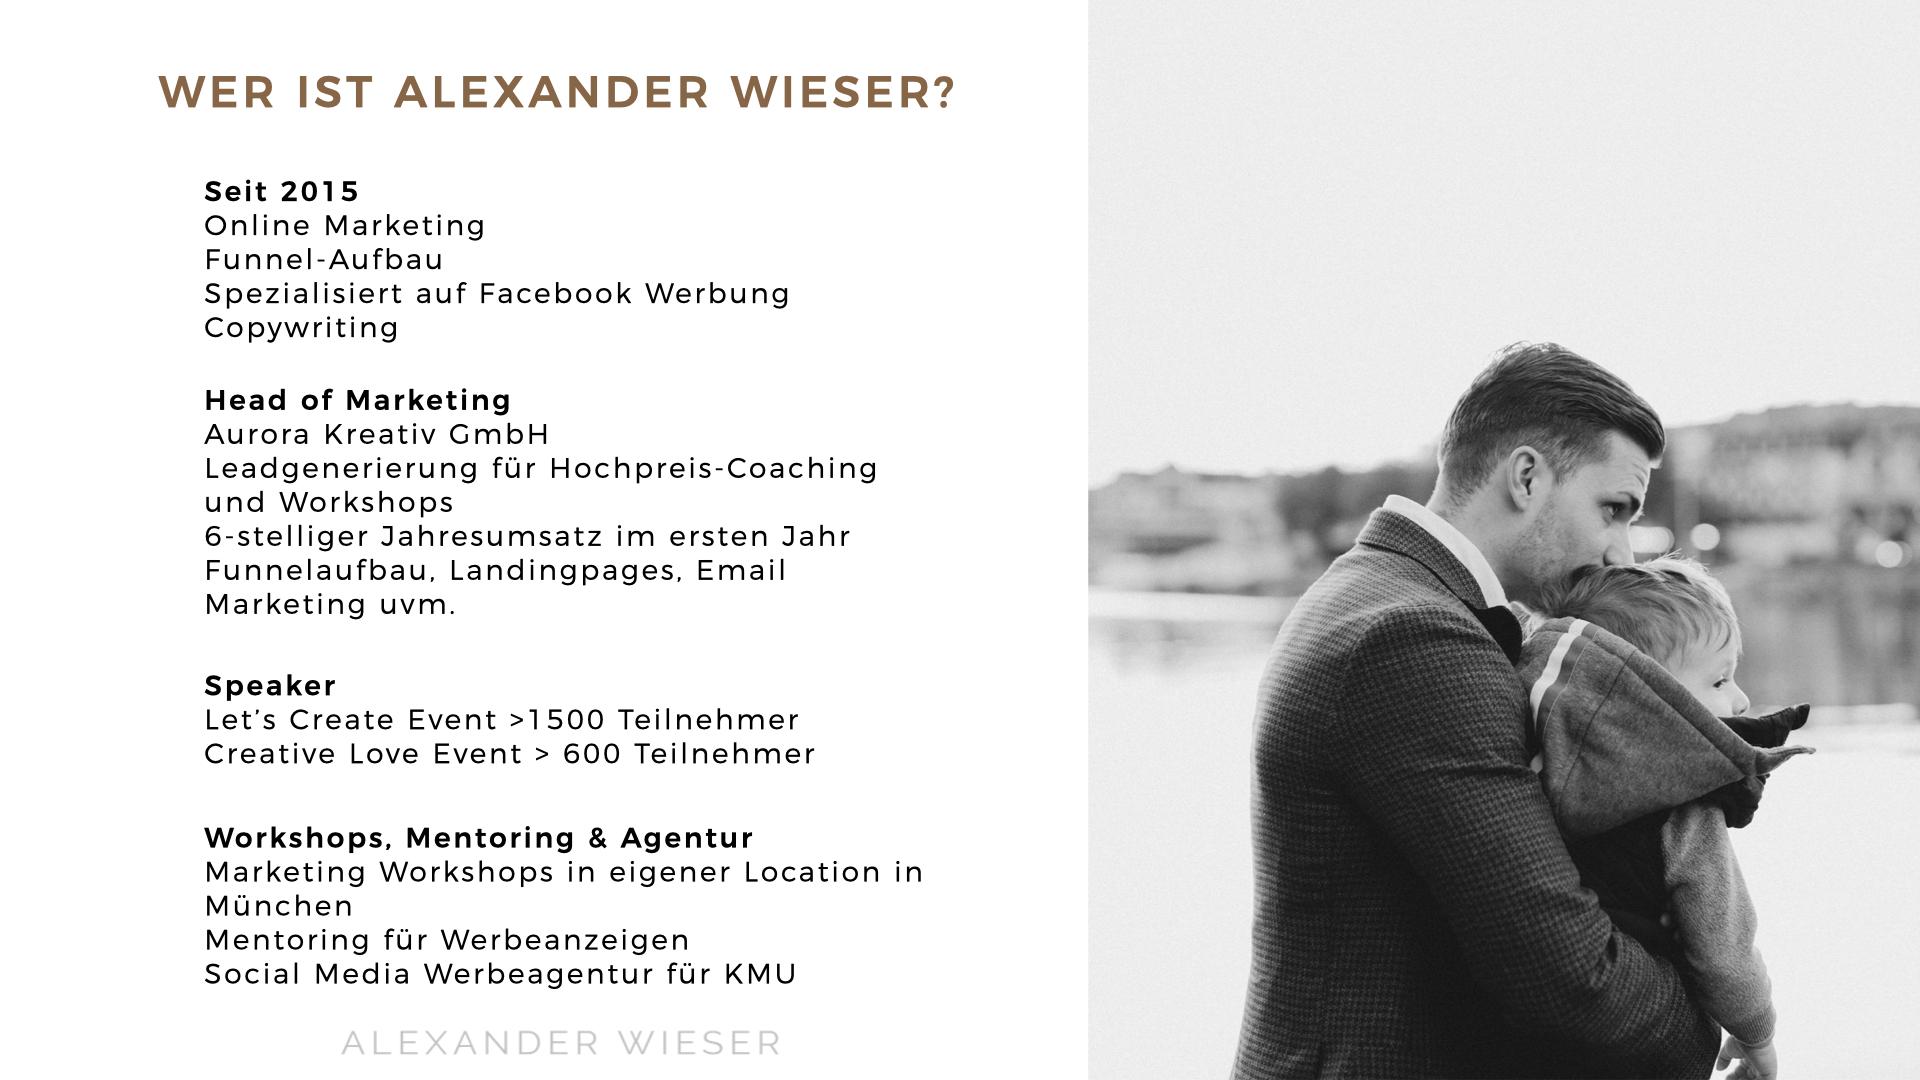 Wer ist Alexander Wieser